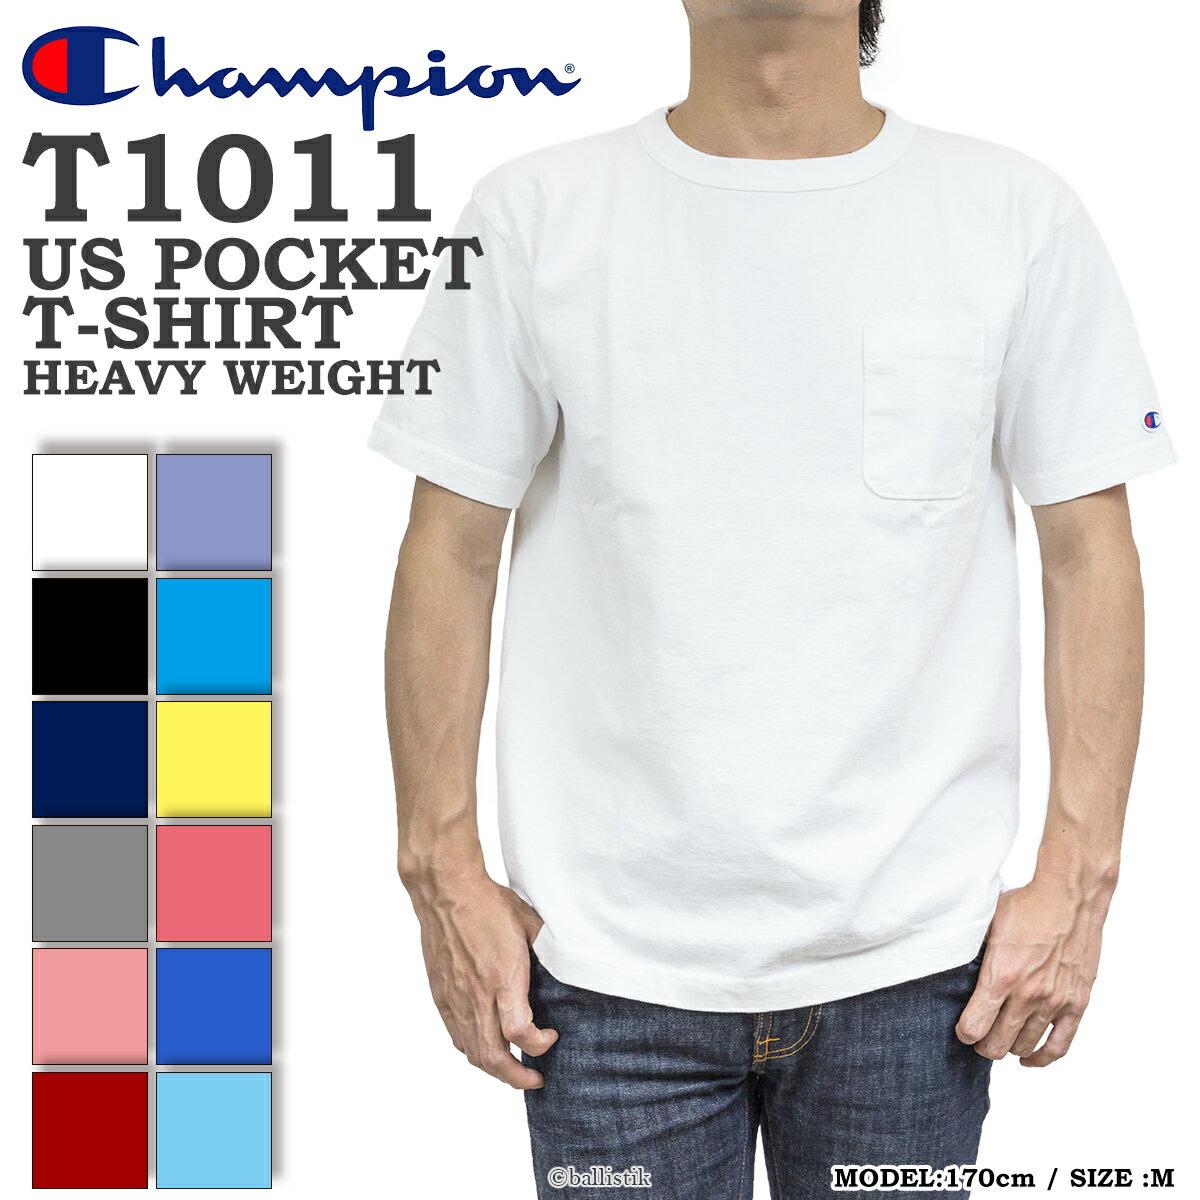 チャンピオン Tシャツ T1011 ポケット ポケT Champion 胸ポケット トップス 無地 クルーネック 半袖 ストリート メンズ レディース ヘビーウェイト【 メール便で 送料無料 】【ポイント2倍】【お買い物マラソン 買い回り 買いまわり】